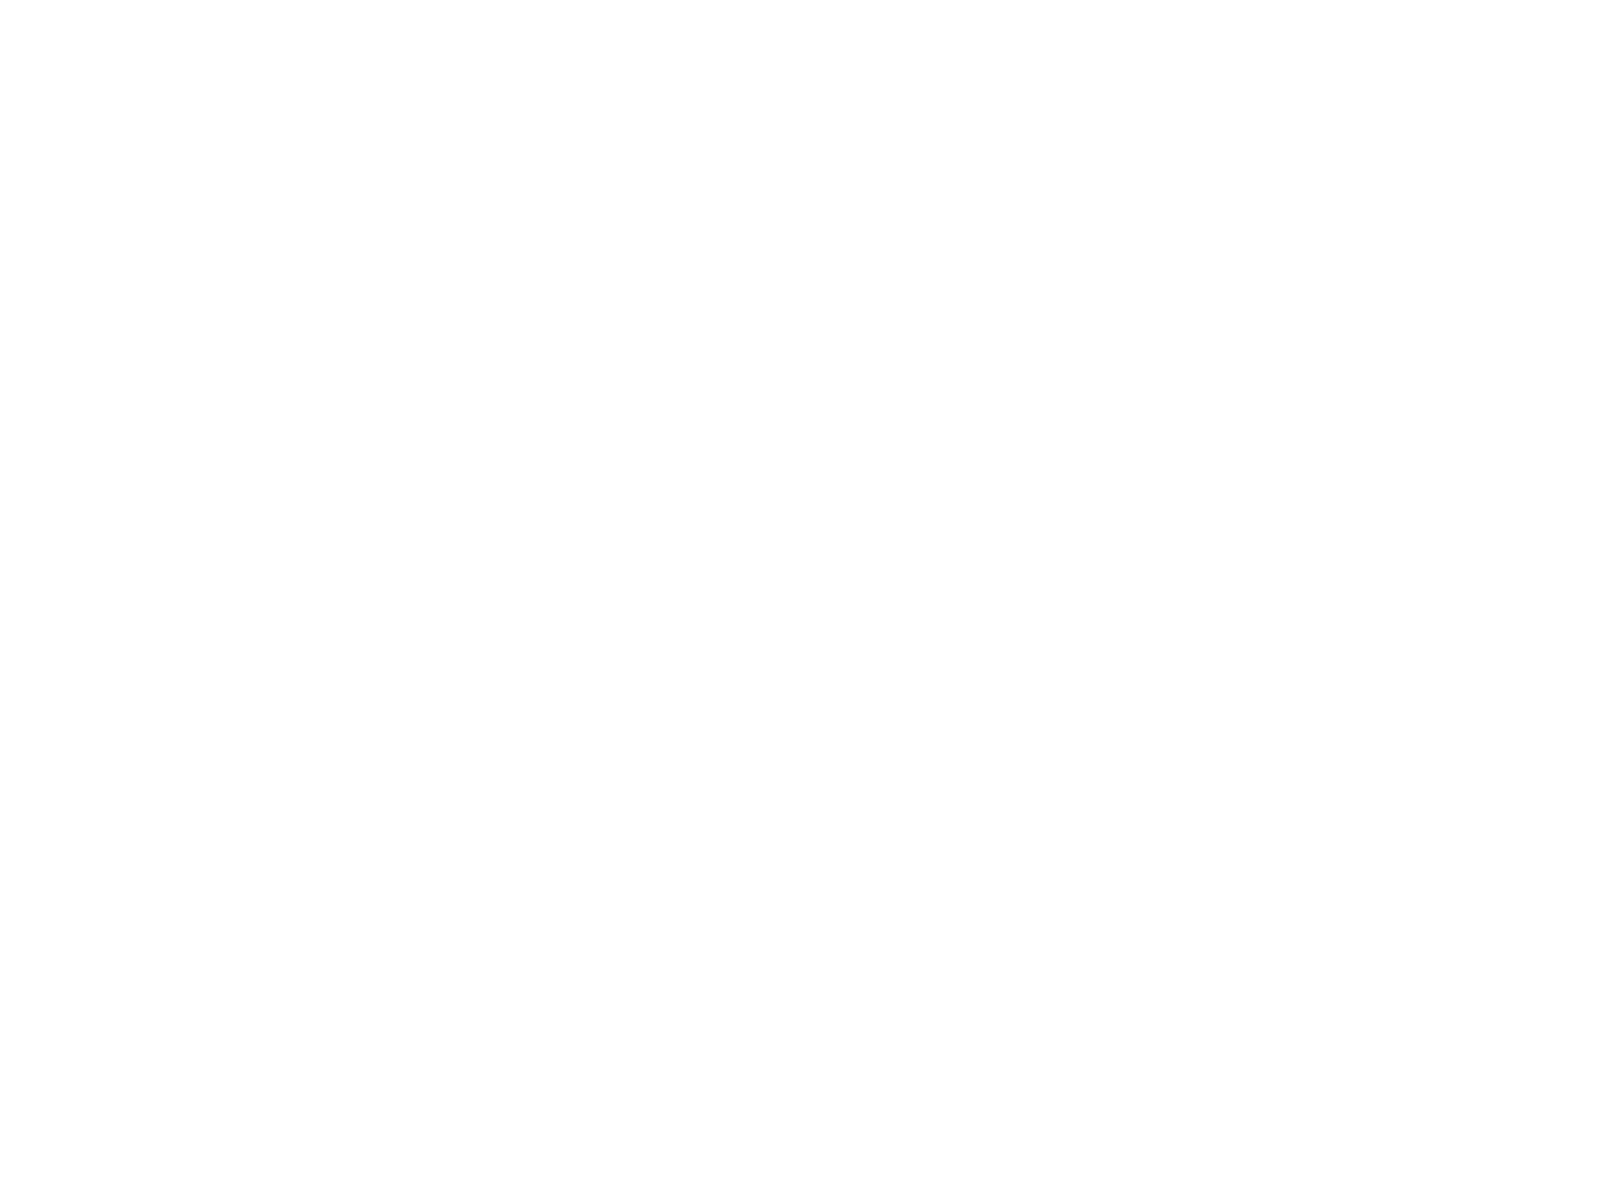 bg slide